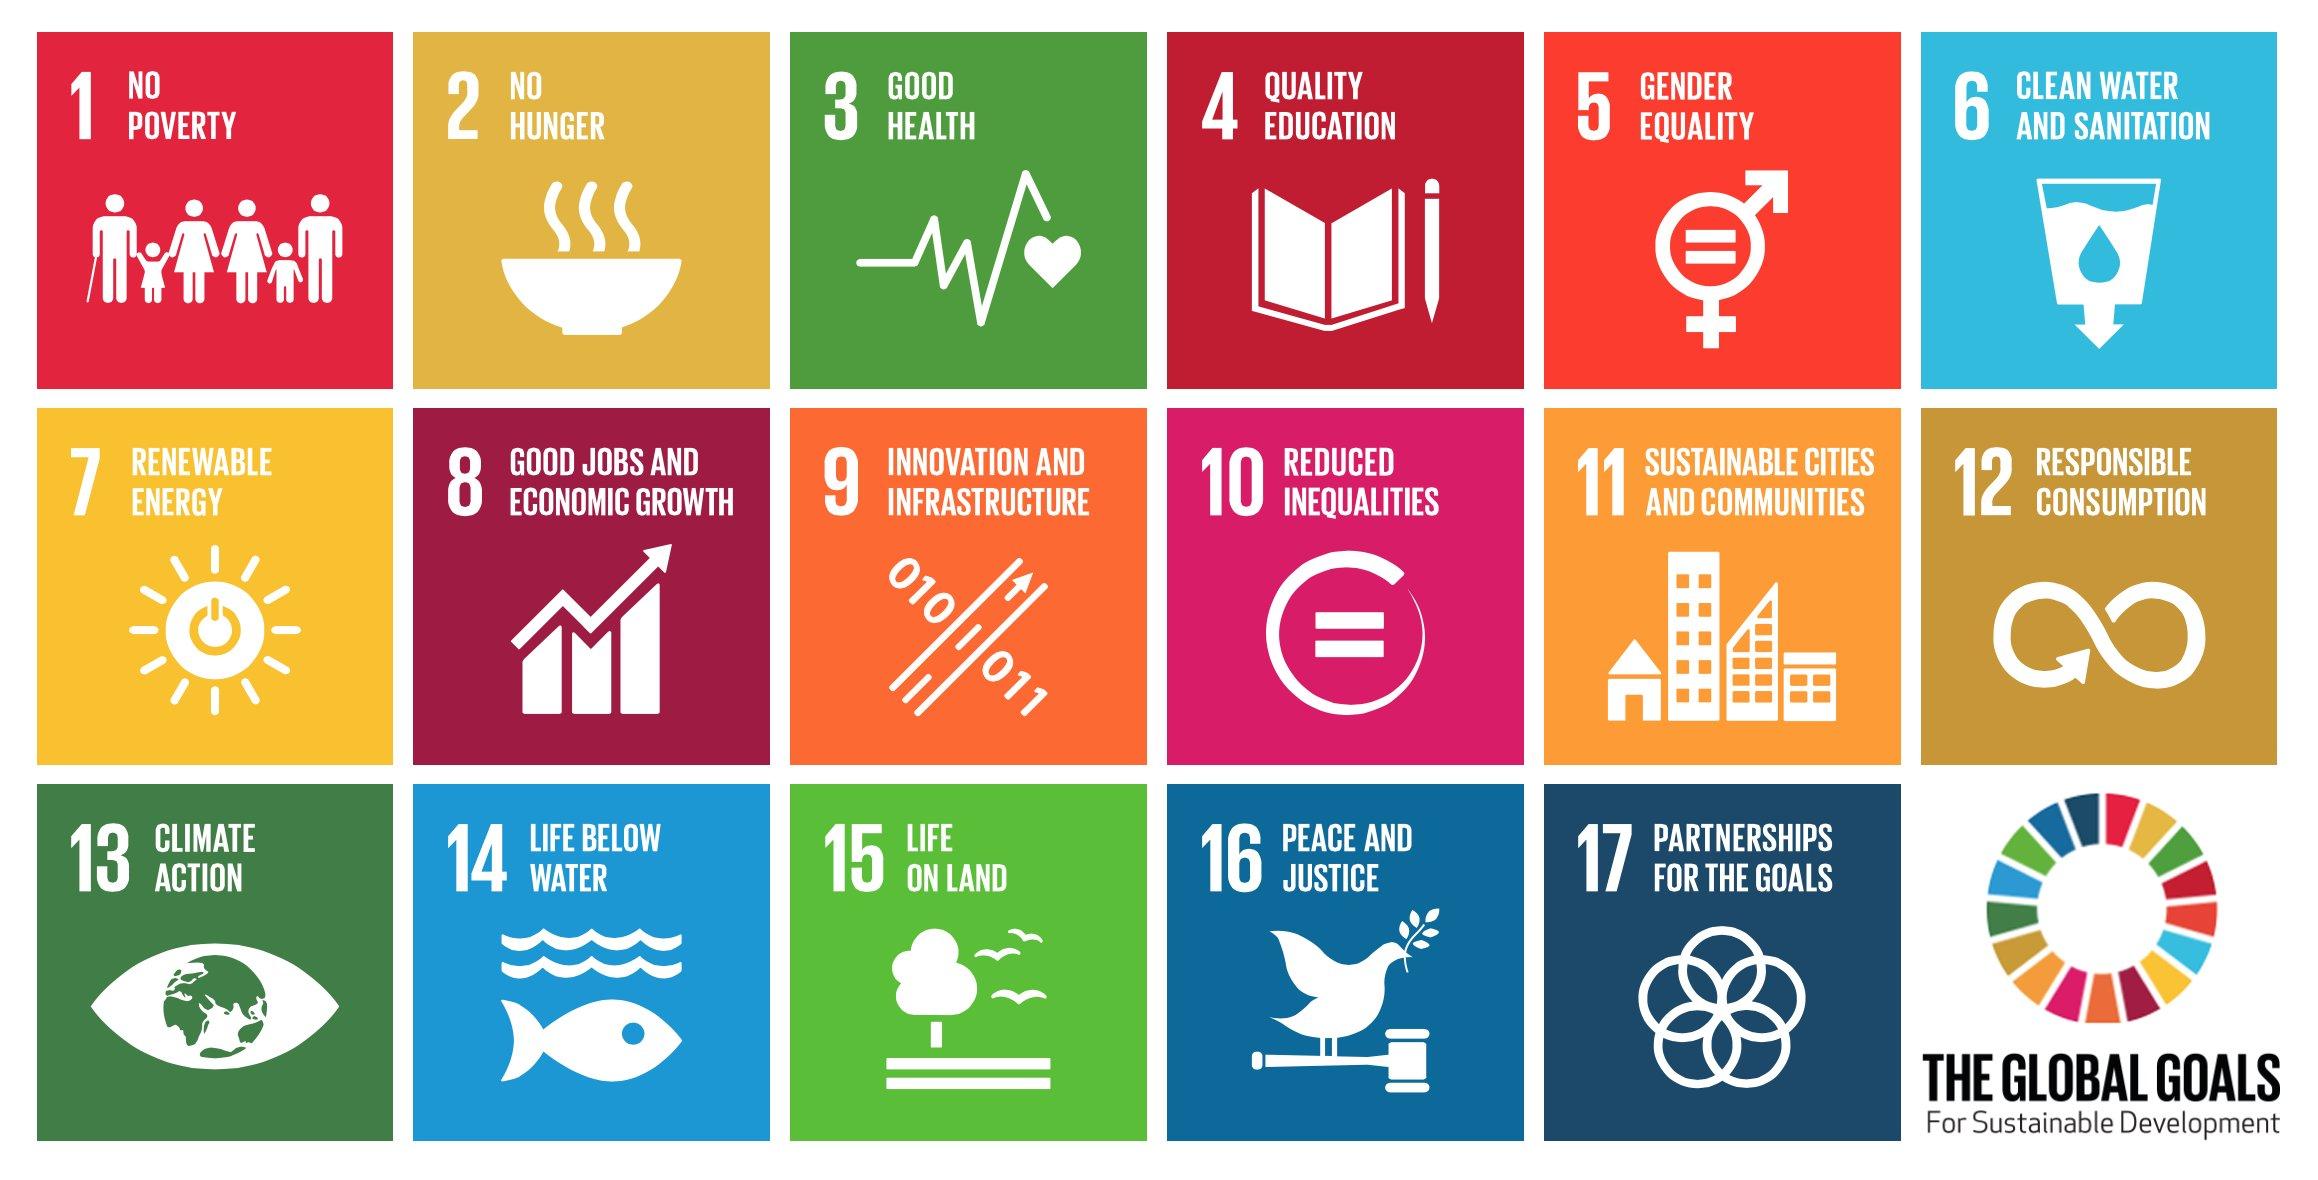 Zwangerschapskleding Enschede.De Global Goals Jam In Enschede Blog Duurzame Kleding Project Cece